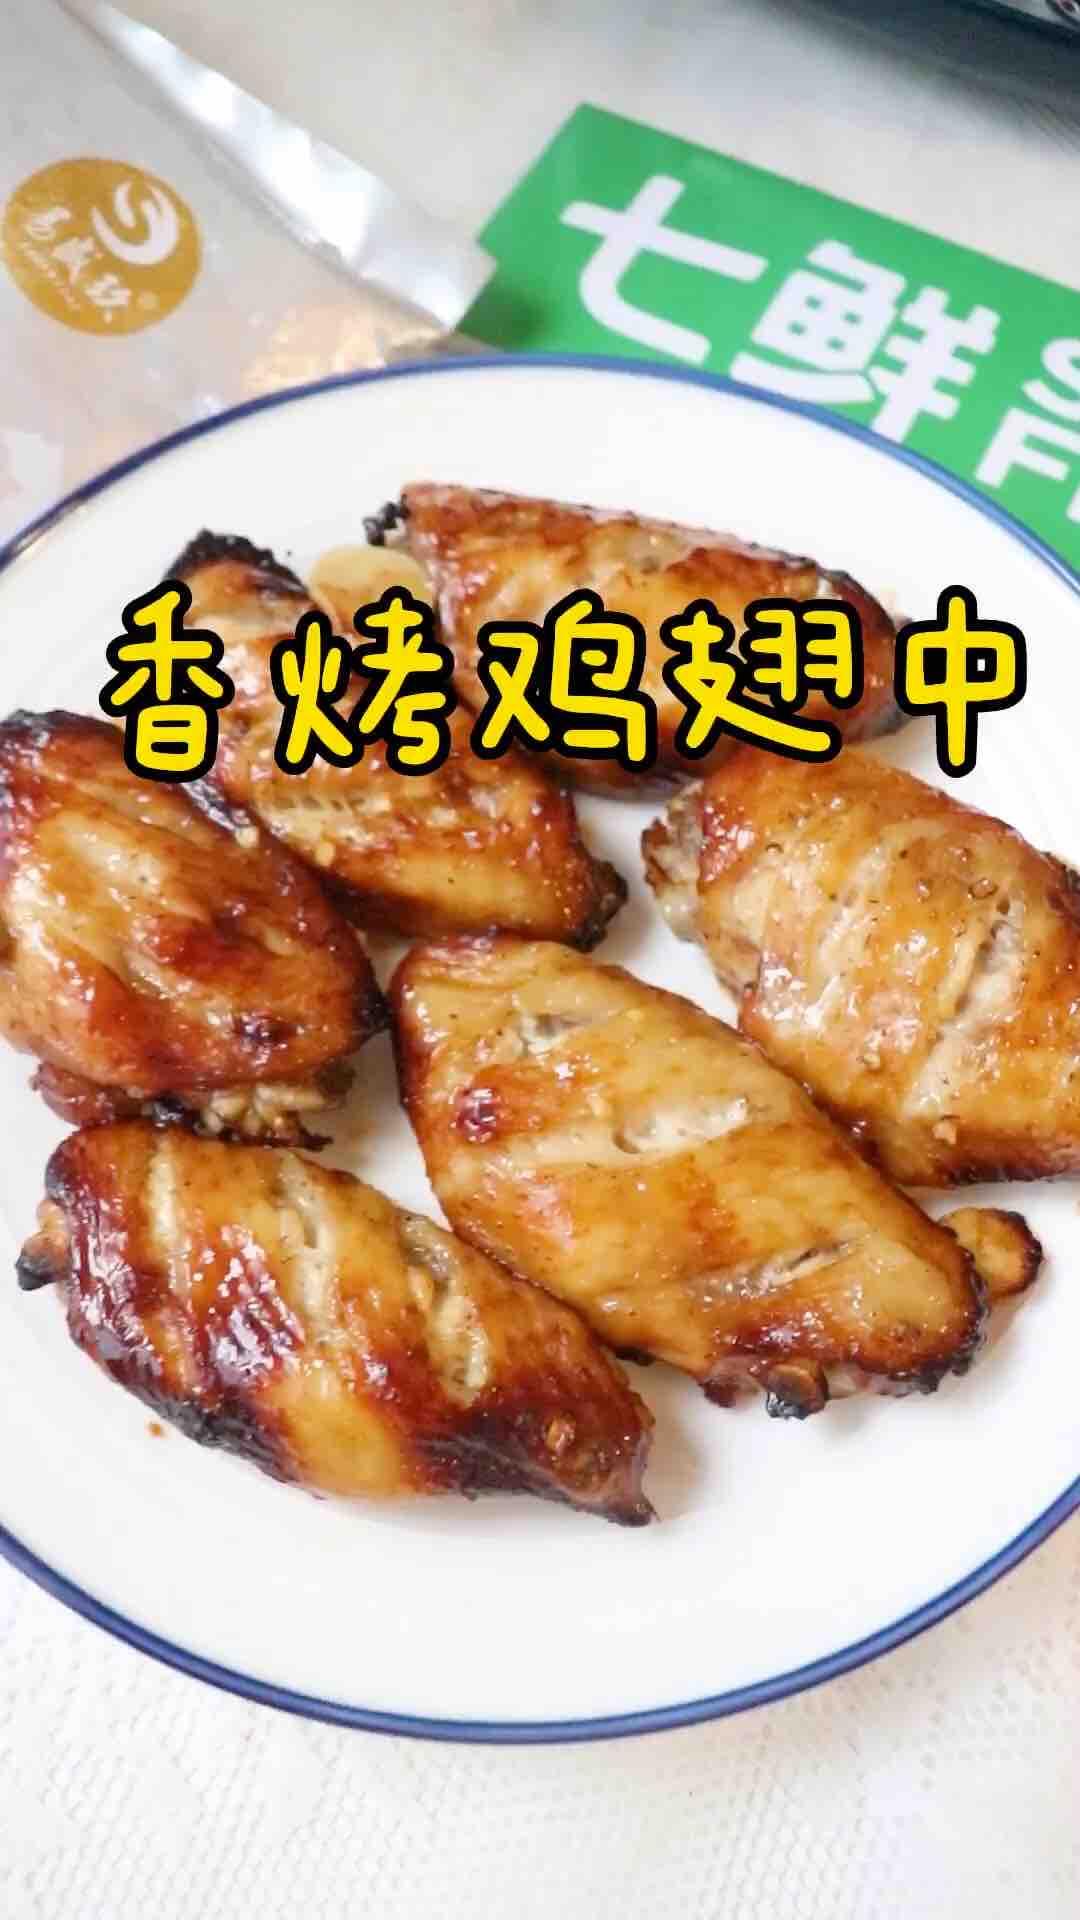 香烤鸡翅中怎么炒